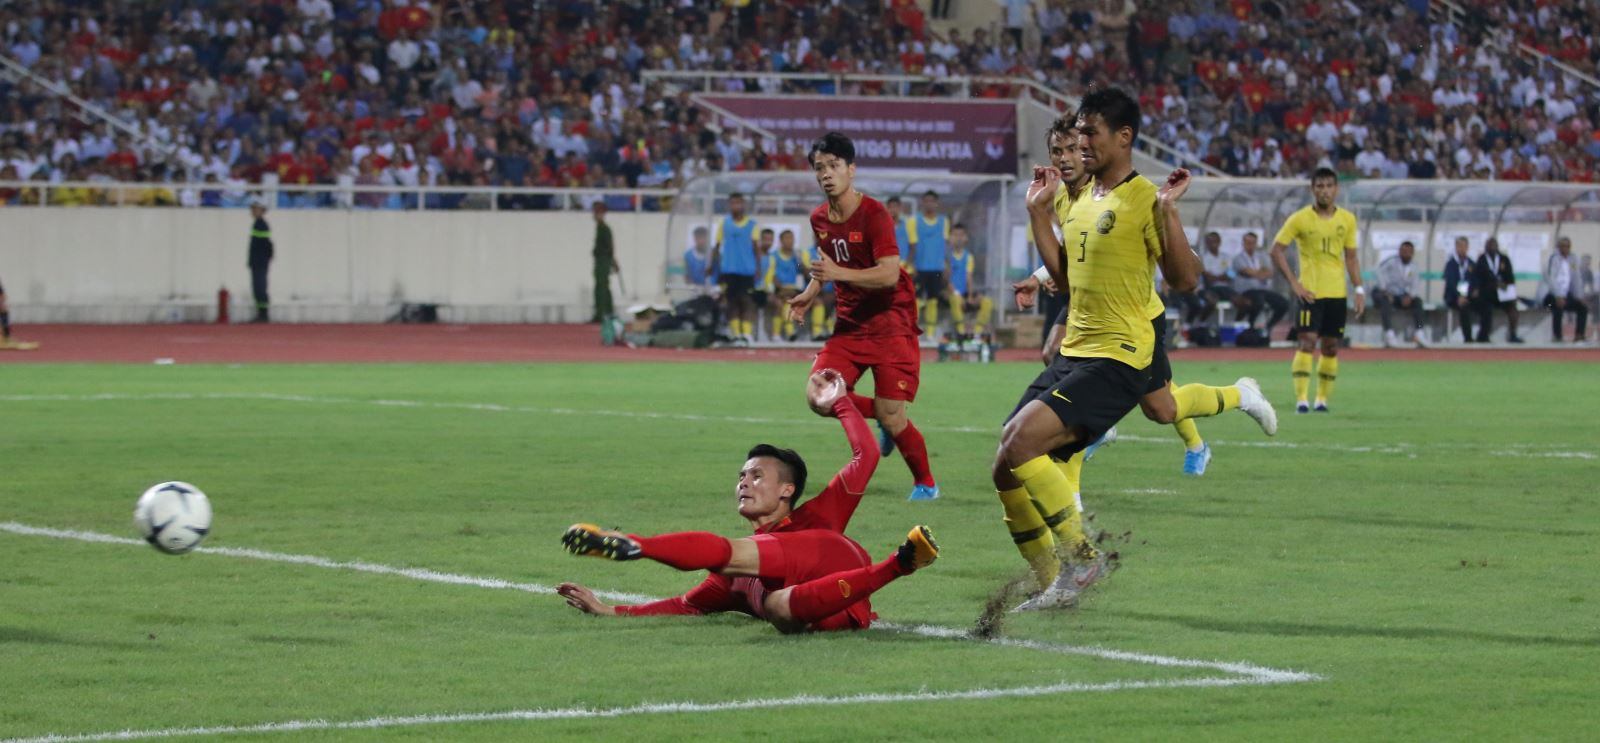 Bong da, bóng đá Việt Nam, Quang Hải, Lịch thi đấu bóng đá Việt Nam, bảng xếp hạng vòng loại World Cup bảng G, Việt Nam 1-0 Malaysia, lịch thi đấu đội tuyển Việt Nam